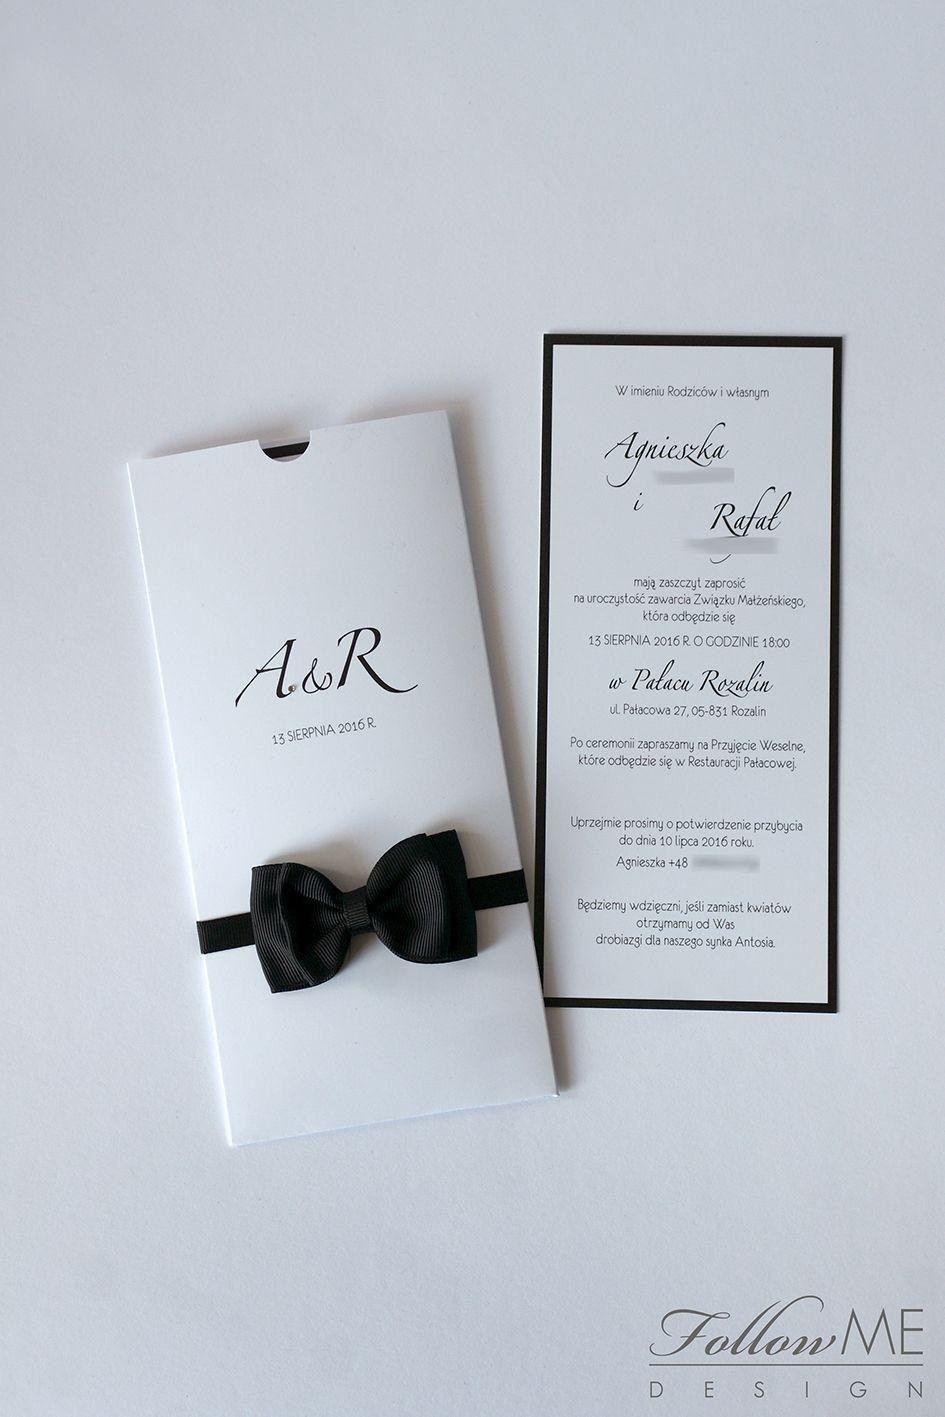 Best Wedding Invitation Websites Wedding Gift Card Wedding Registry New Best Wedding Invitation Regiosfera Com Wedding Invitation Website Wedding Cards Wedding Invitation Cards